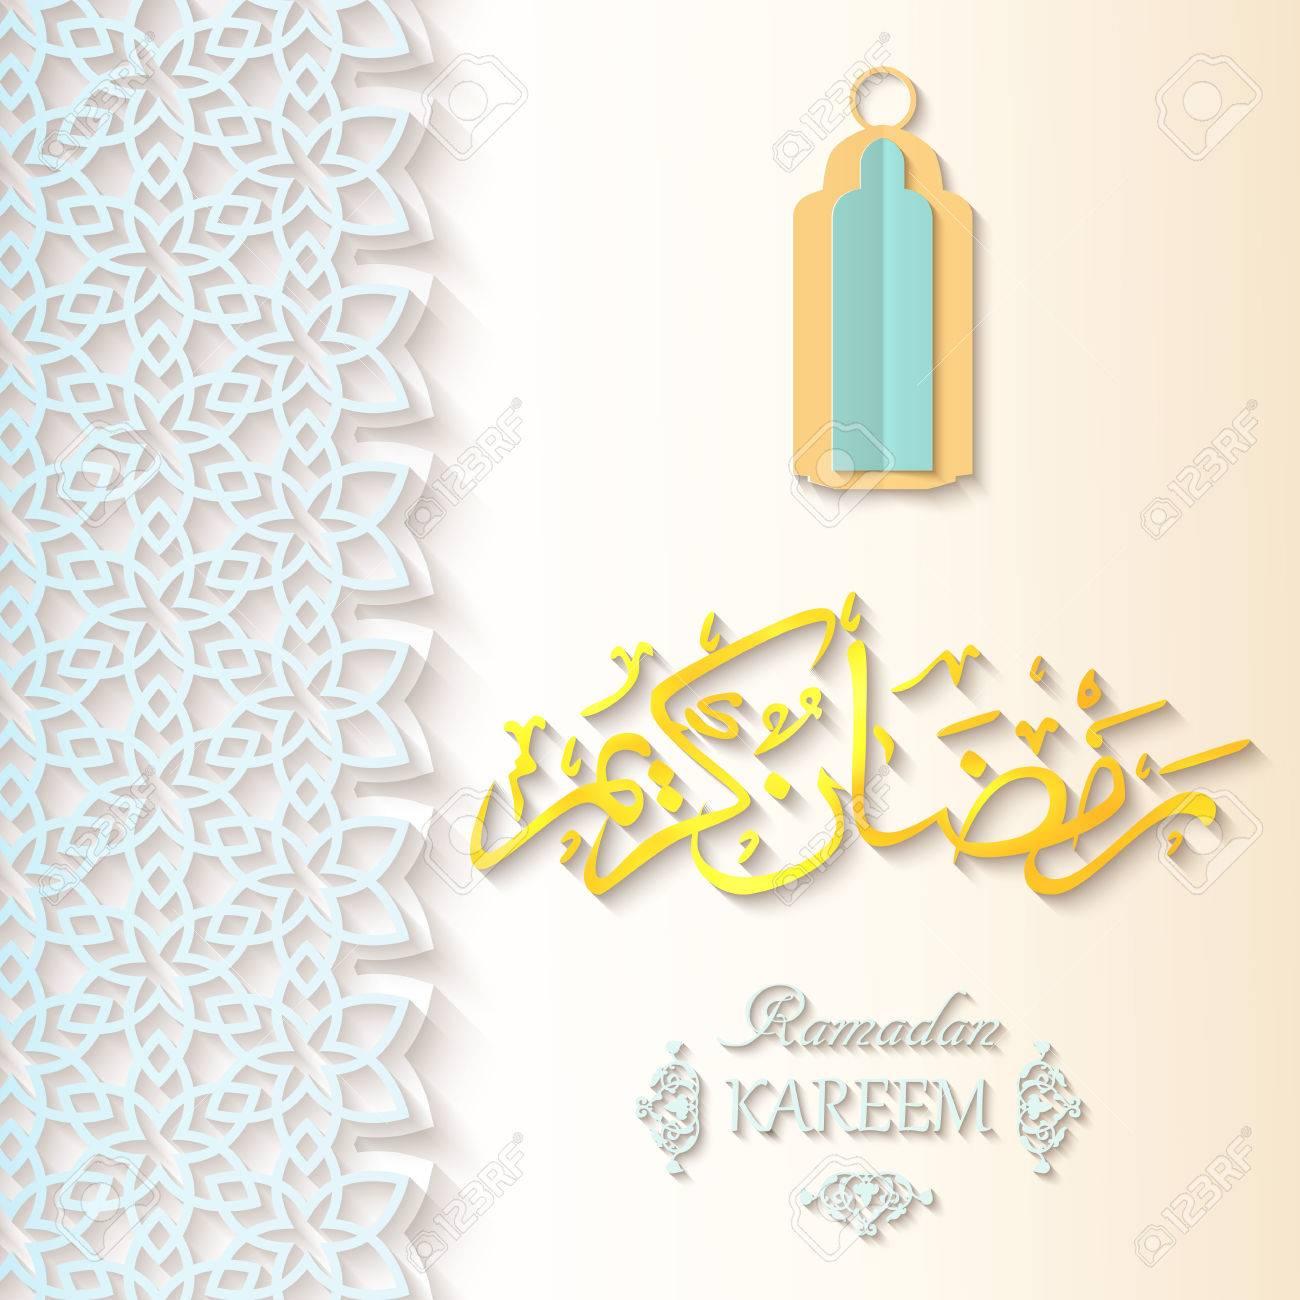 変換 アラビア 文字